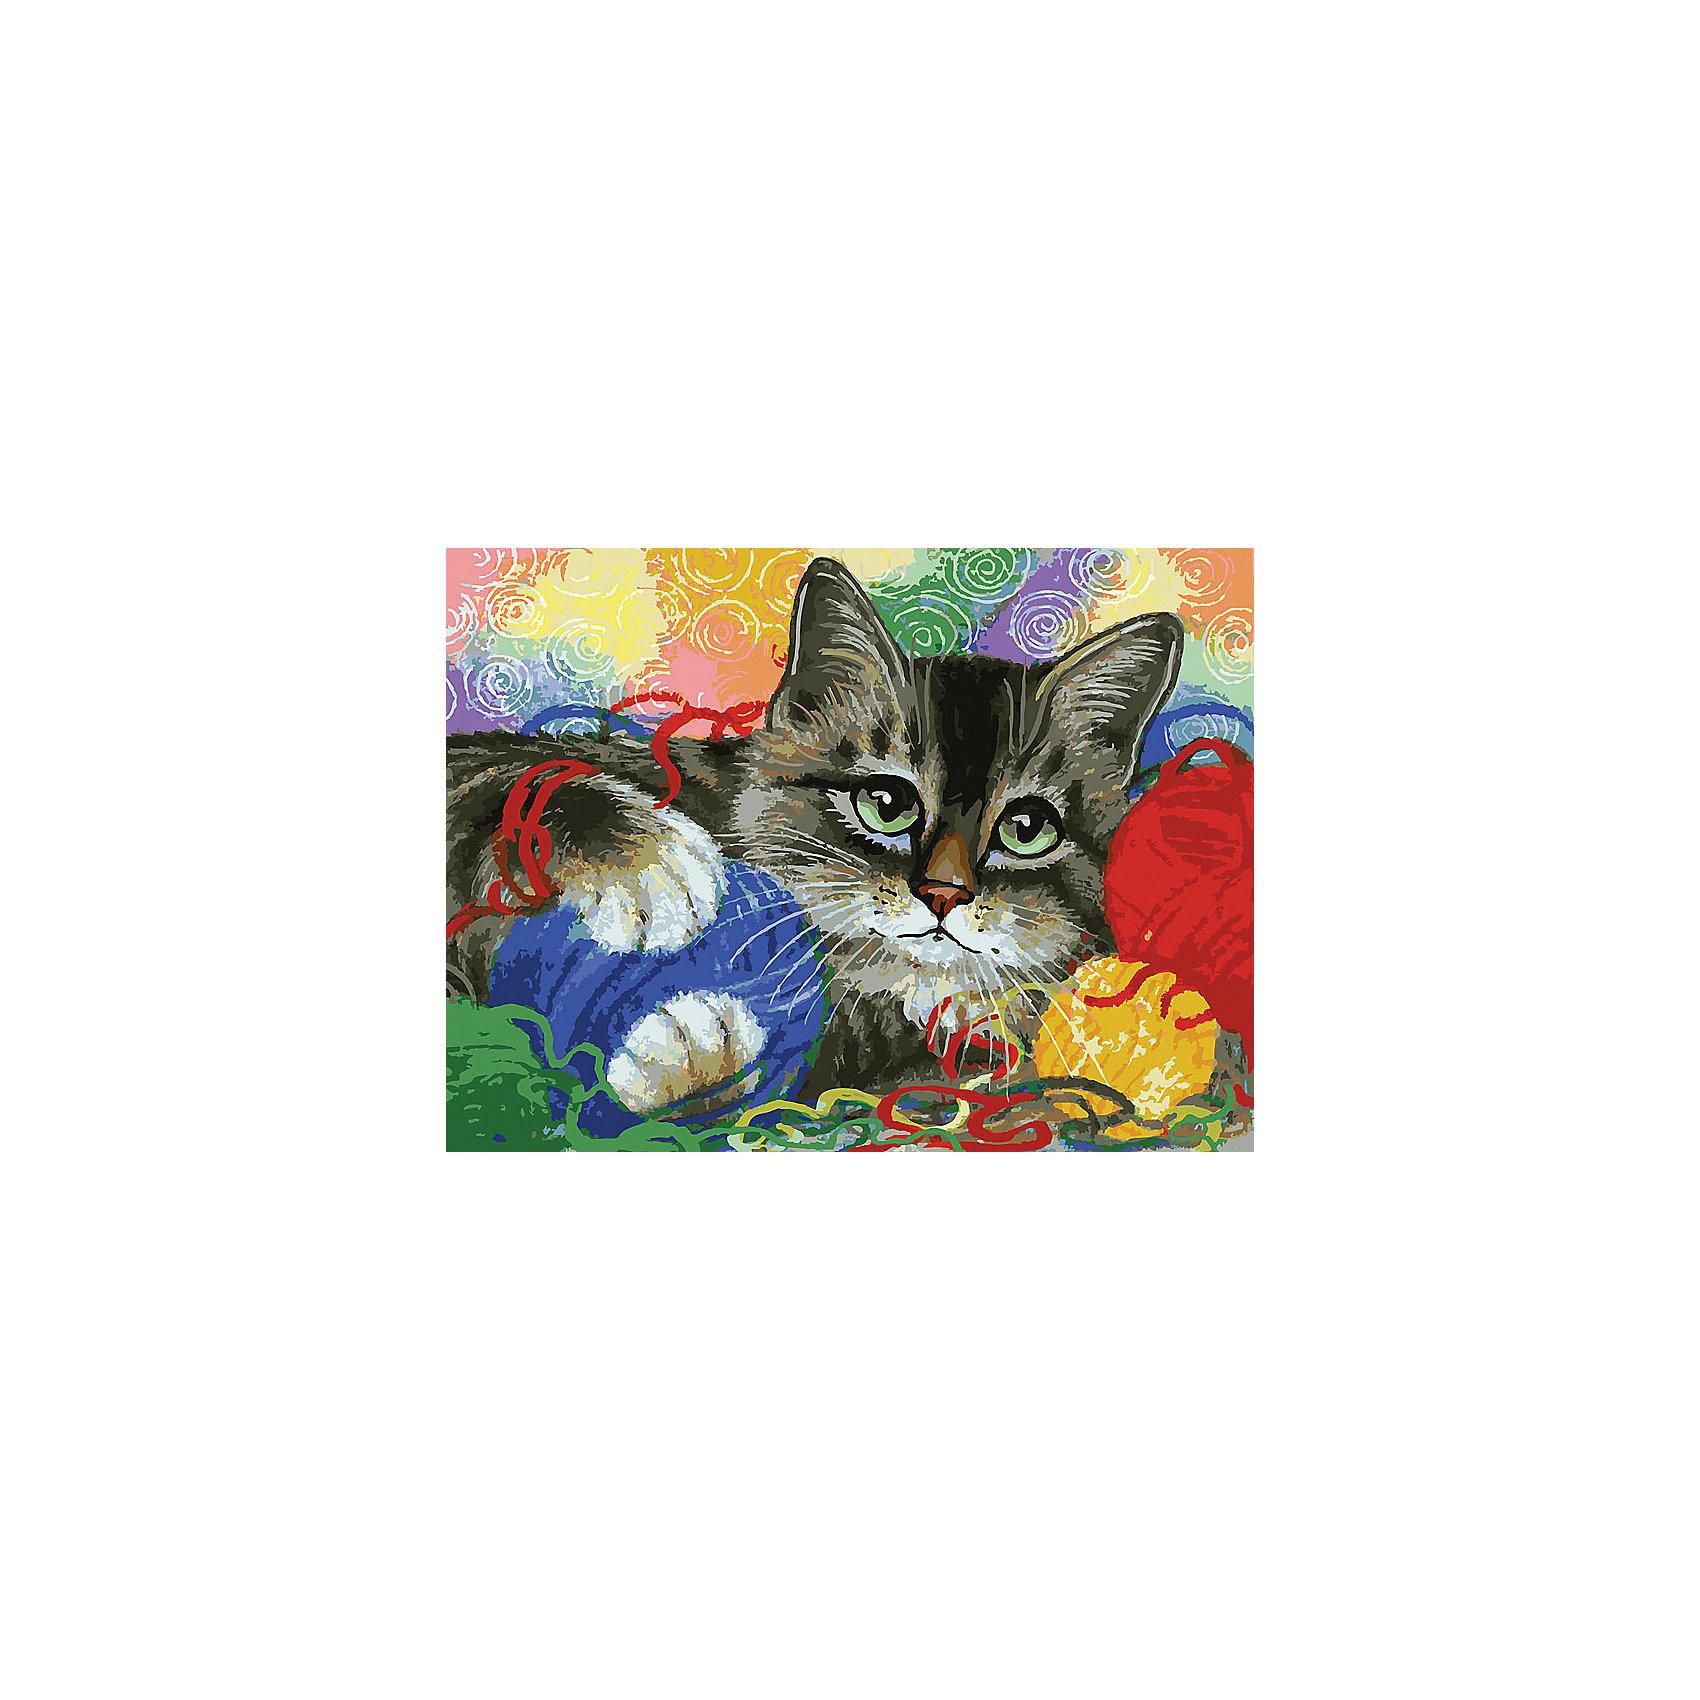 Живопись на холсте 30*40 см Котик с клубочкамиРаскраски по номерам<br>Характеристики товара:<br><br>• цвет: разноцветный<br>• материал: акрил, картон<br>• размер: 30 x 40 см<br>• комплектация: полотно на подрамнике с контурами рисунка, пробный лист с рисунком, набор акриловых красок, три кисти, крепление на стену для картины<br>• для детей от шести лет и взрослых<br>• не требует специальных навыков<br>• страна бренда: Китай<br>• страна изготовитель: Китай<br><br>Как с удовольствием и пользой провести время? Порисовать! Это занятие, которое любят многие дети и взрослые. Рисование помогает развить важные навыки и просто приносит удовольствие! Чтобы вселить в ребенка уверенность в своих силах, можно предложить ему этот набор - в нем уже есть сюжет, контуры рисунка и участки с номерами, которые обозначают определенную краску из набора. Все оттенки уже готовы, задача художника - аккуратно, с помощью кисточек из набора, нанести краски на определенный участок полотна.<br>Взрослым также понравится этот процесс, рисовать можно и вместе с малышом! В итоге получается красивая картина, которой можно украсить интерьер. Рисование способствует развитию мелкой моторики, воображения, цветовосприятия, творческих способностей и усидчивости. Набор отлично проработан, сделан из качественных и проверенных материалов, которые безопасны для детей. Краски - акриловые, они быстро сохнут и легко смываются с кожи.<br><br>Живопись на холсте 30*40 см Котик с клубочками от торговой марки Белоснежка можно купить в нашем интернет-магазине.<br><br>Ширина мм: 410<br>Глубина мм: 310<br>Высота мм: 25<br>Вес г: 567<br>Возраст от месяцев: 72<br>Возраст до месяцев: 144<br>Пол: Унисекс<br>Возраст: Детский<br>SKU: 5089713